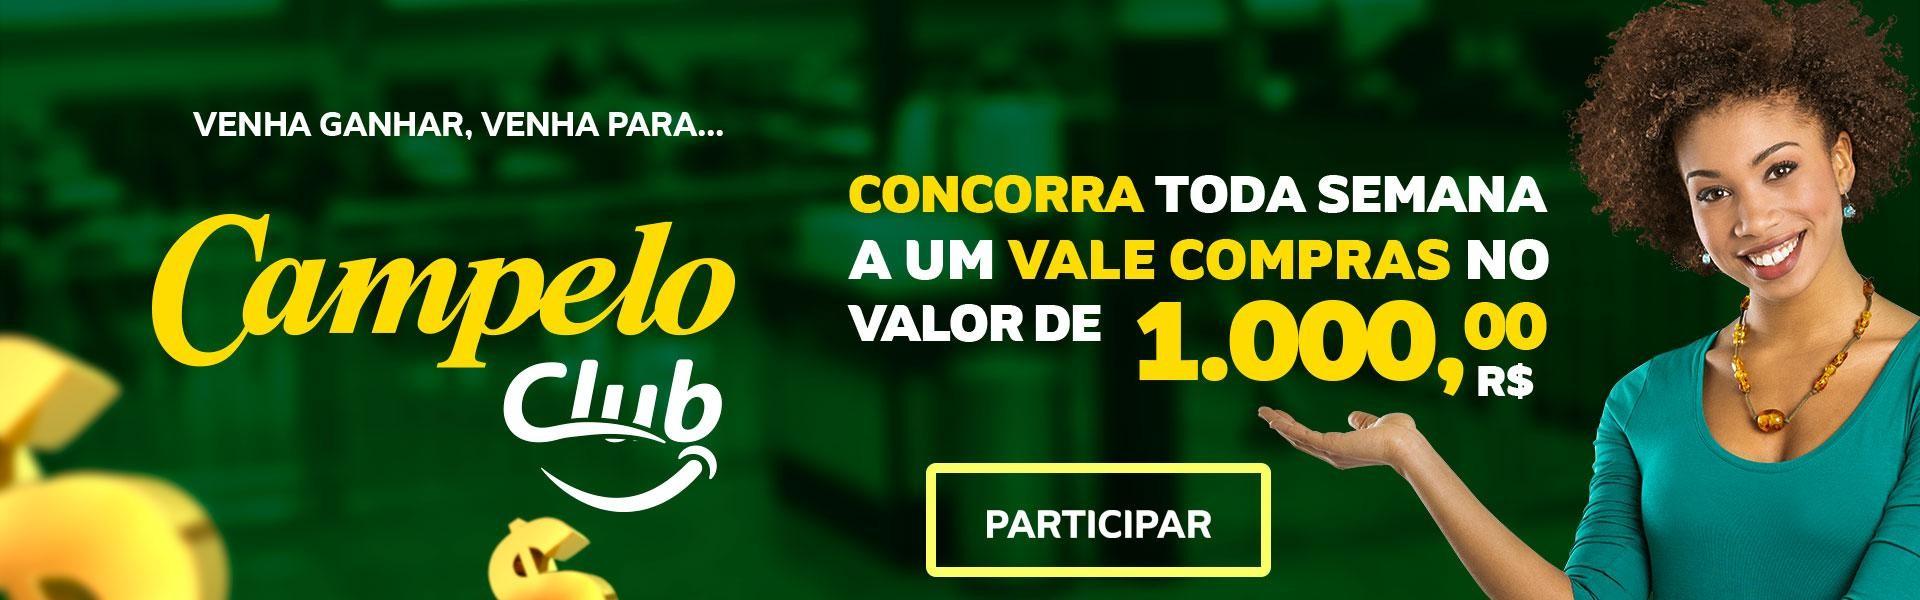 Campelo Club!